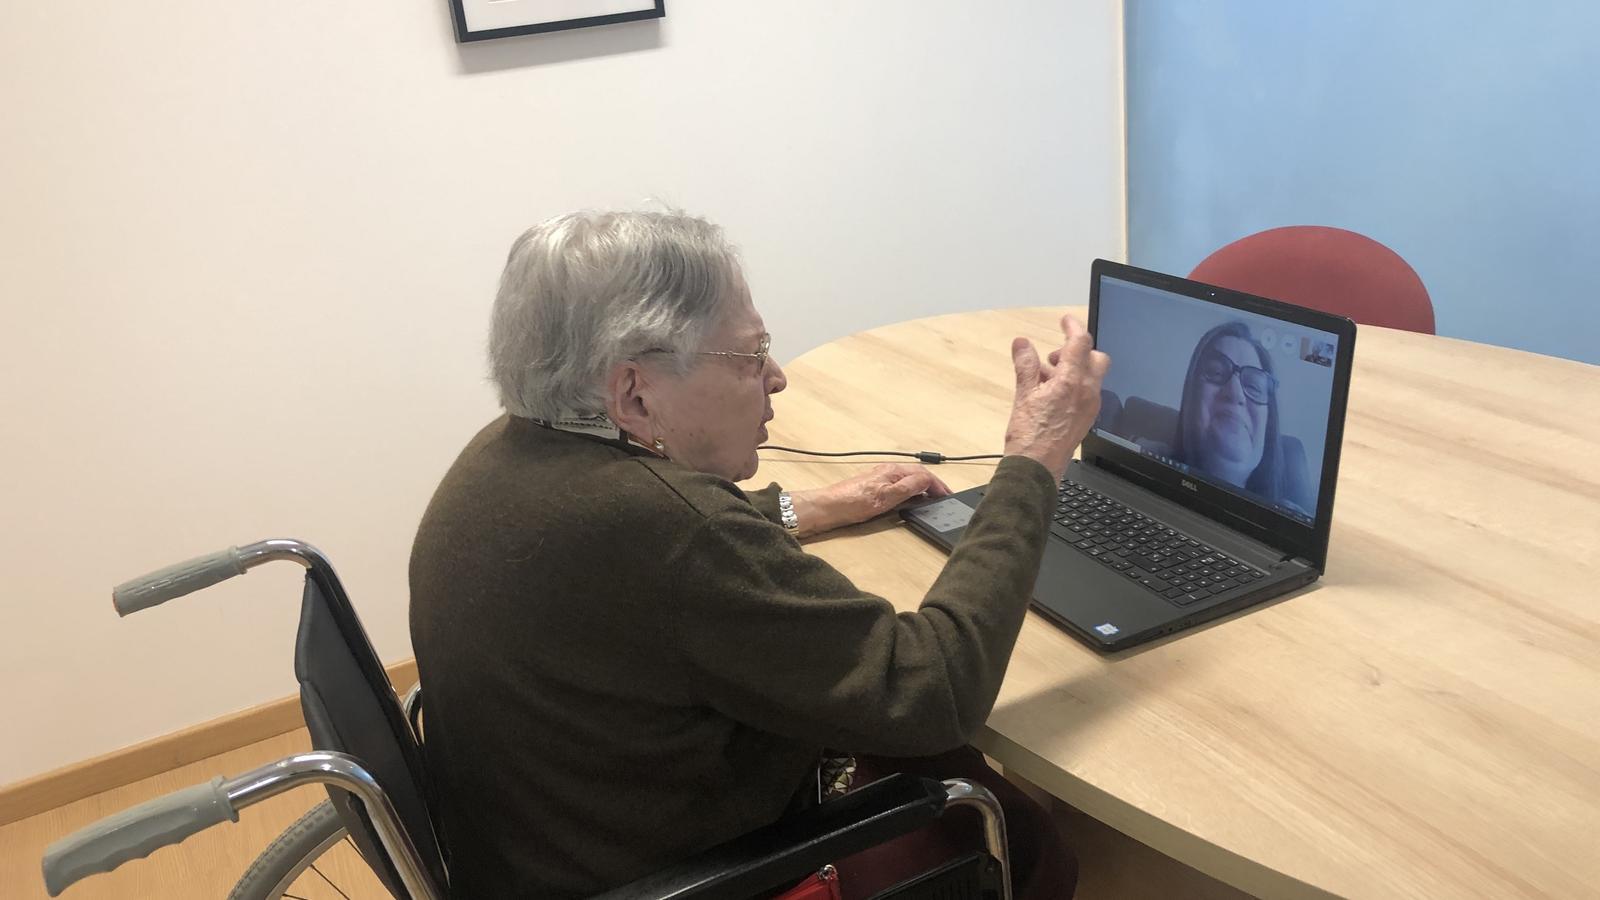 L'esprint tecnològic d'una àvia centenària per lluitar contra l'aïllament